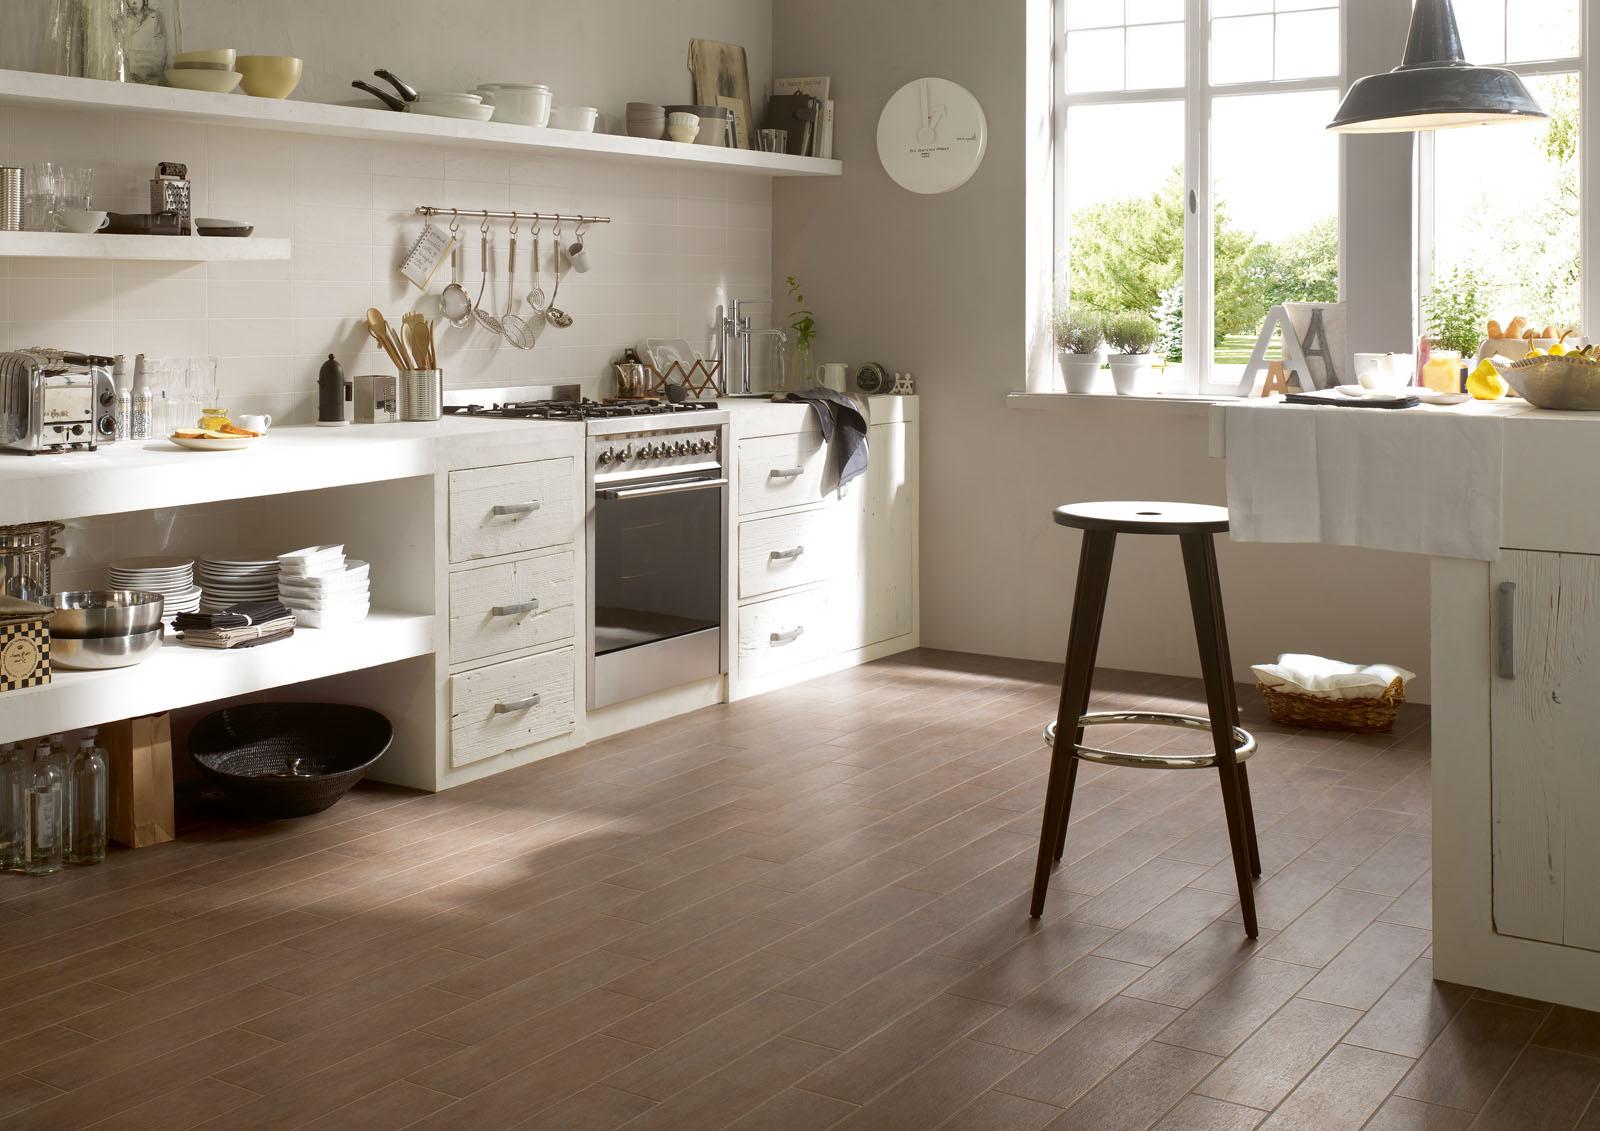 Pannelli di rivestimento pareti cucina effetto legno - Pannelli per rivestimento pareti cucina ...